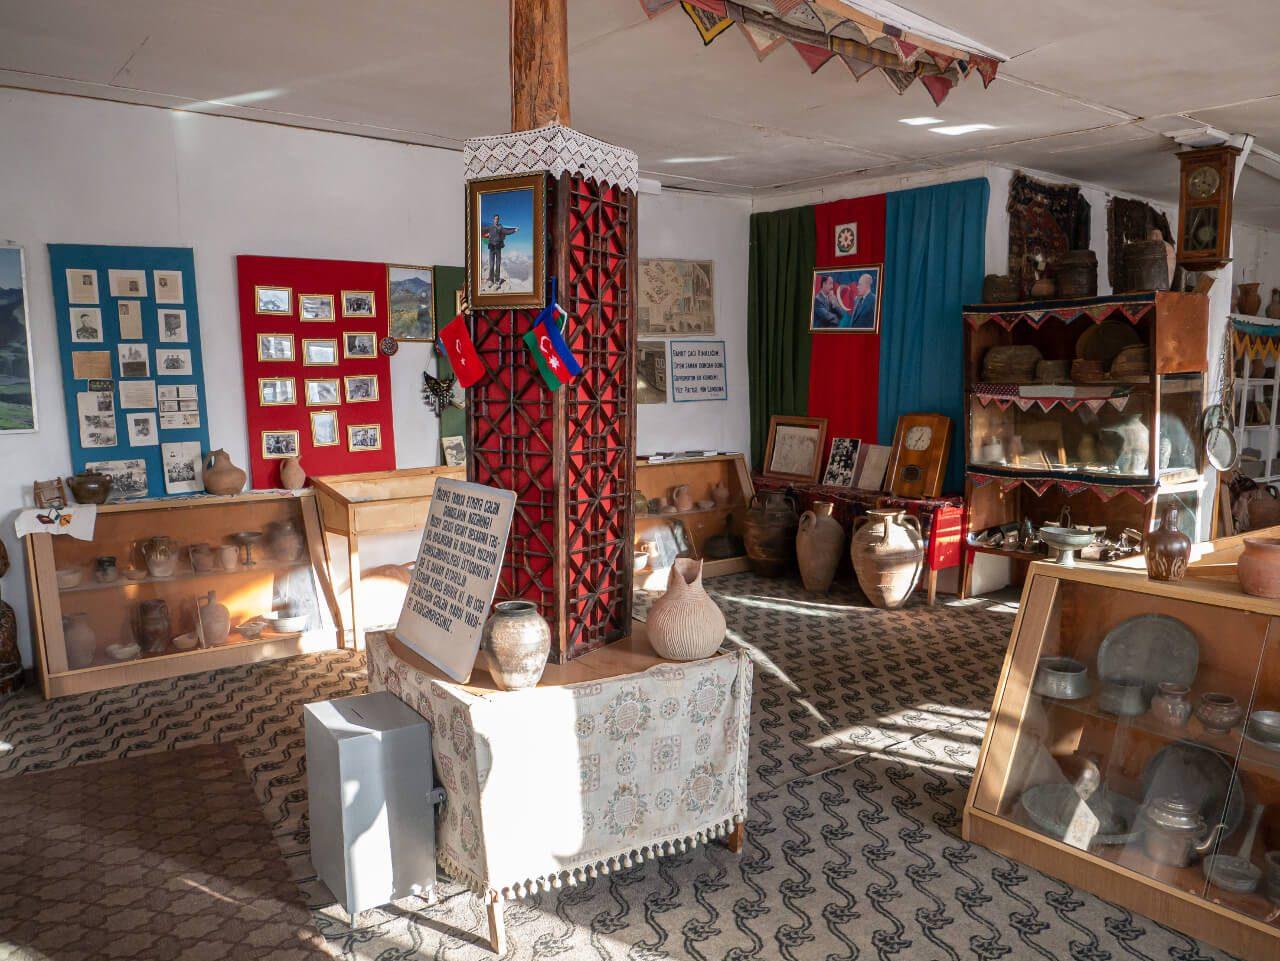 Wnętrze muzeum historycznego w Xinaliq